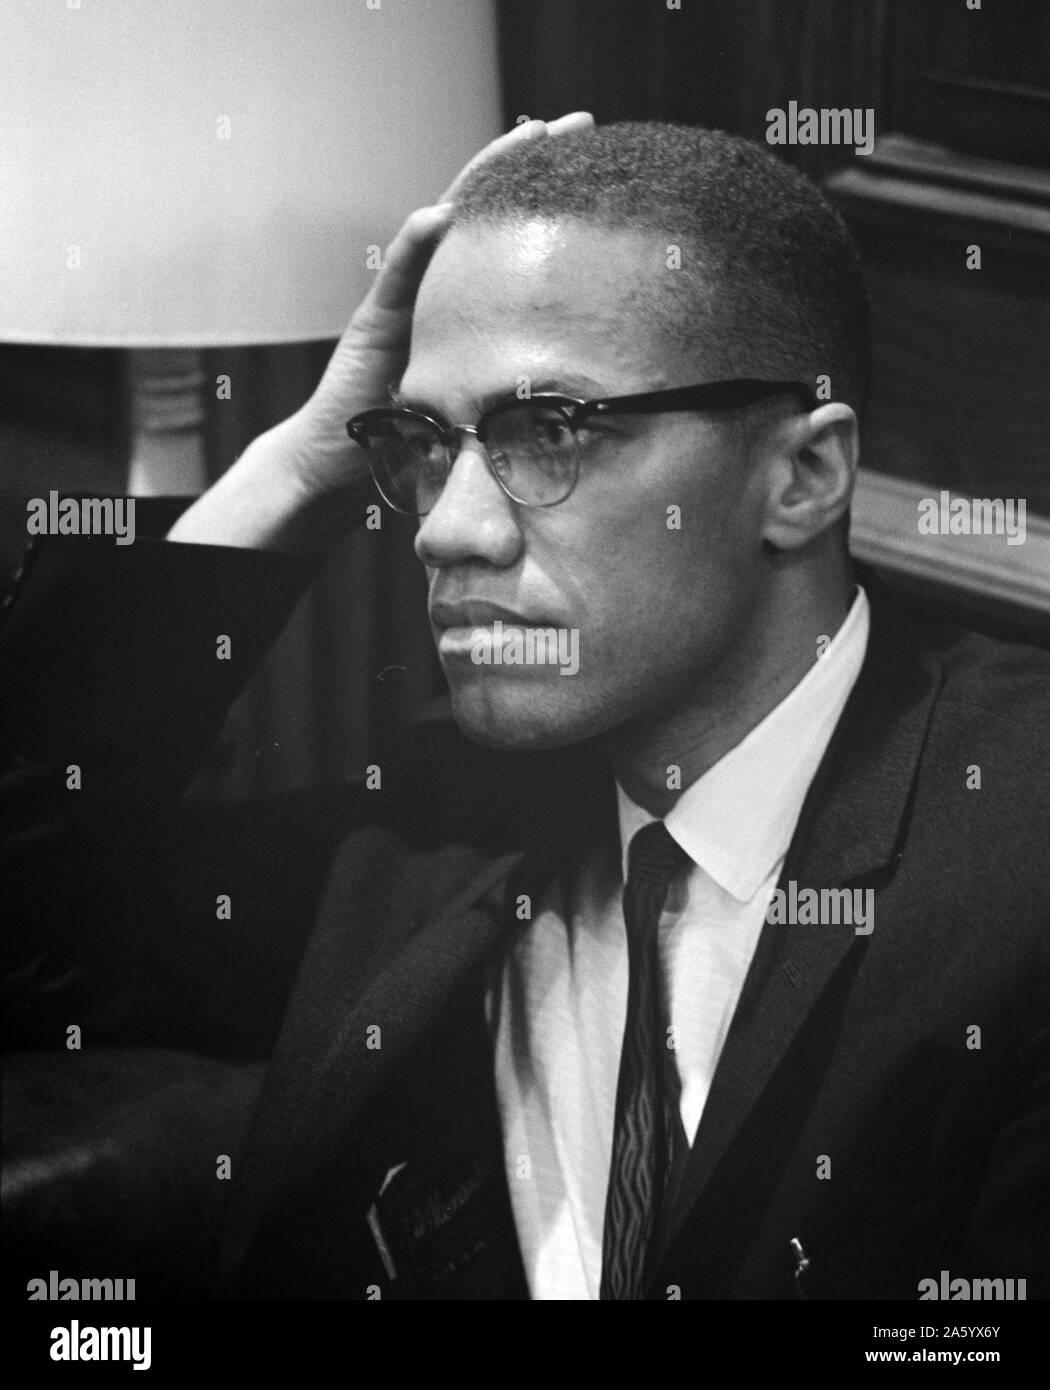 Malcolm X (19. Mai 1925 – 21. Februar 1965), Malcolm geboren, er war ein amerikanischer muslimischen Minister und Menschenrechtsaktivistin Stockfoto